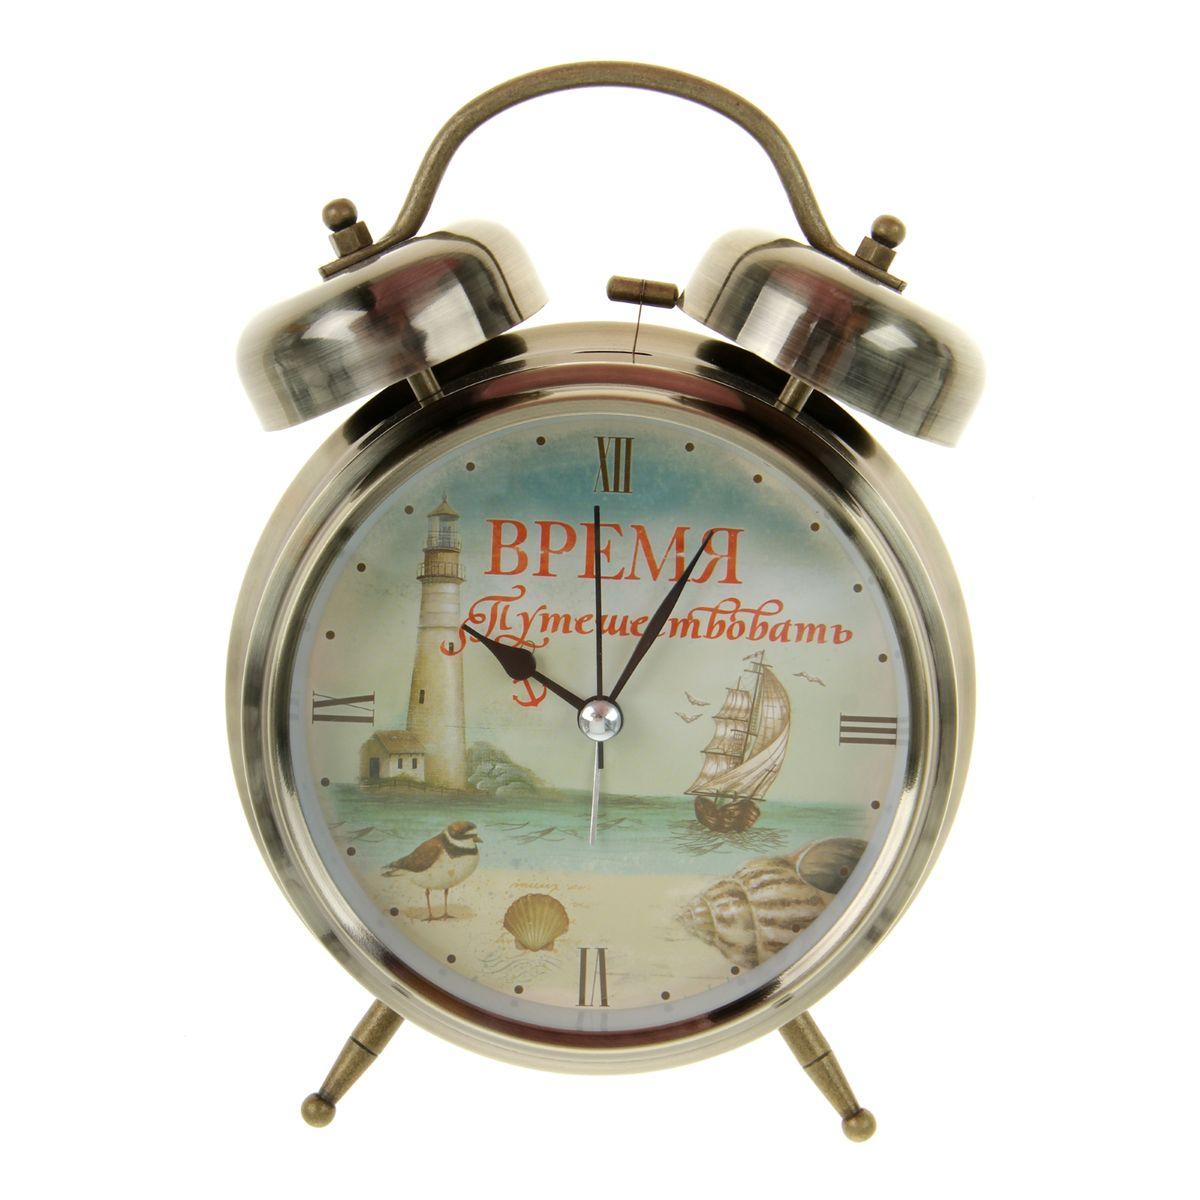 Часы-будильник Sima-land Время путешествоватьVT-6606(BK)Как же сложно иногда вставать вовремя! Всегда так хочется поспать еще хотя бы 5 минут и бывает, что мы просыпаем. Теперь этого не случится! Яркий, оригинальный будильник Sima-land Время путешествовать поможет вам всегда вставать в нужное время и успевать везде и всюду. Будильник украсит вашу комнату и приведет в восхищение друзей. Время показывает точно и будит в установленный час.На задней панели будильника расположены переключатель включения/выключения механизма, а также два колесика для настройки текущего времени и времени звонка будильника. Также будильник оснащен кнопкой, при нажатии и удержании которой, подсвечивается циферблат. Будильник работает от 1 батарейки типа C напряжением 1,5V (не входит в комплект).